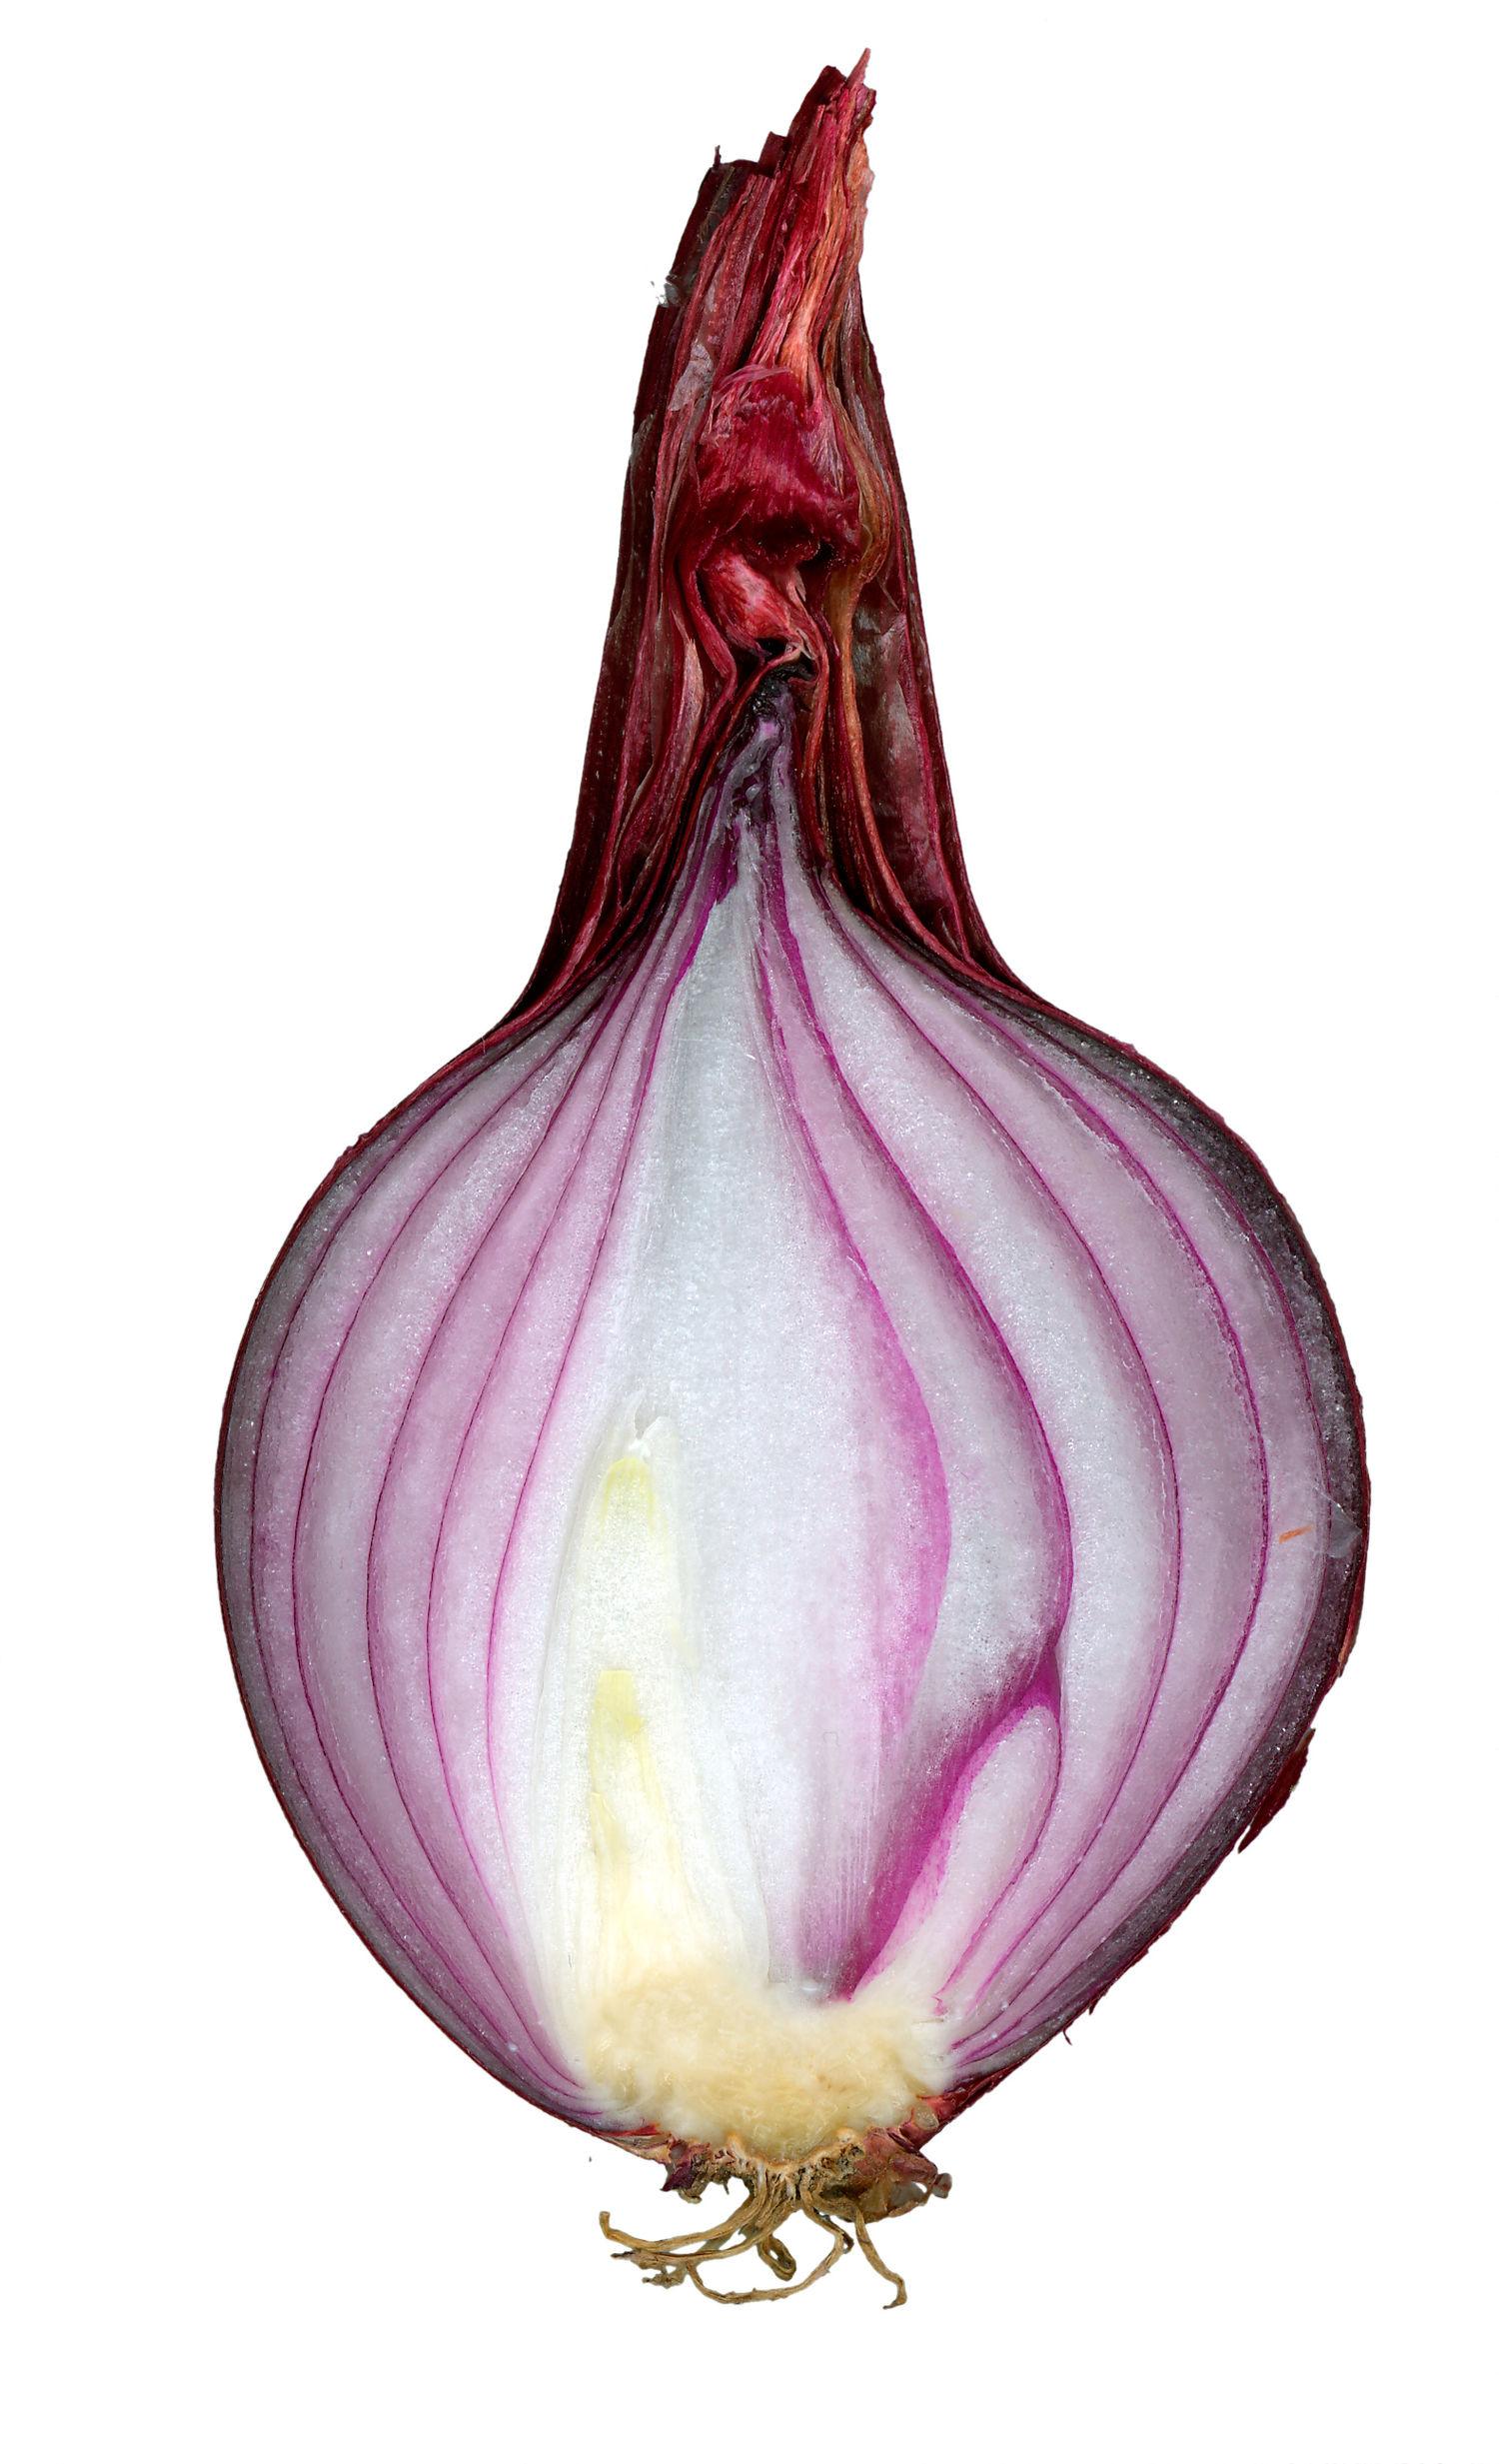 Red onion cut.jpg